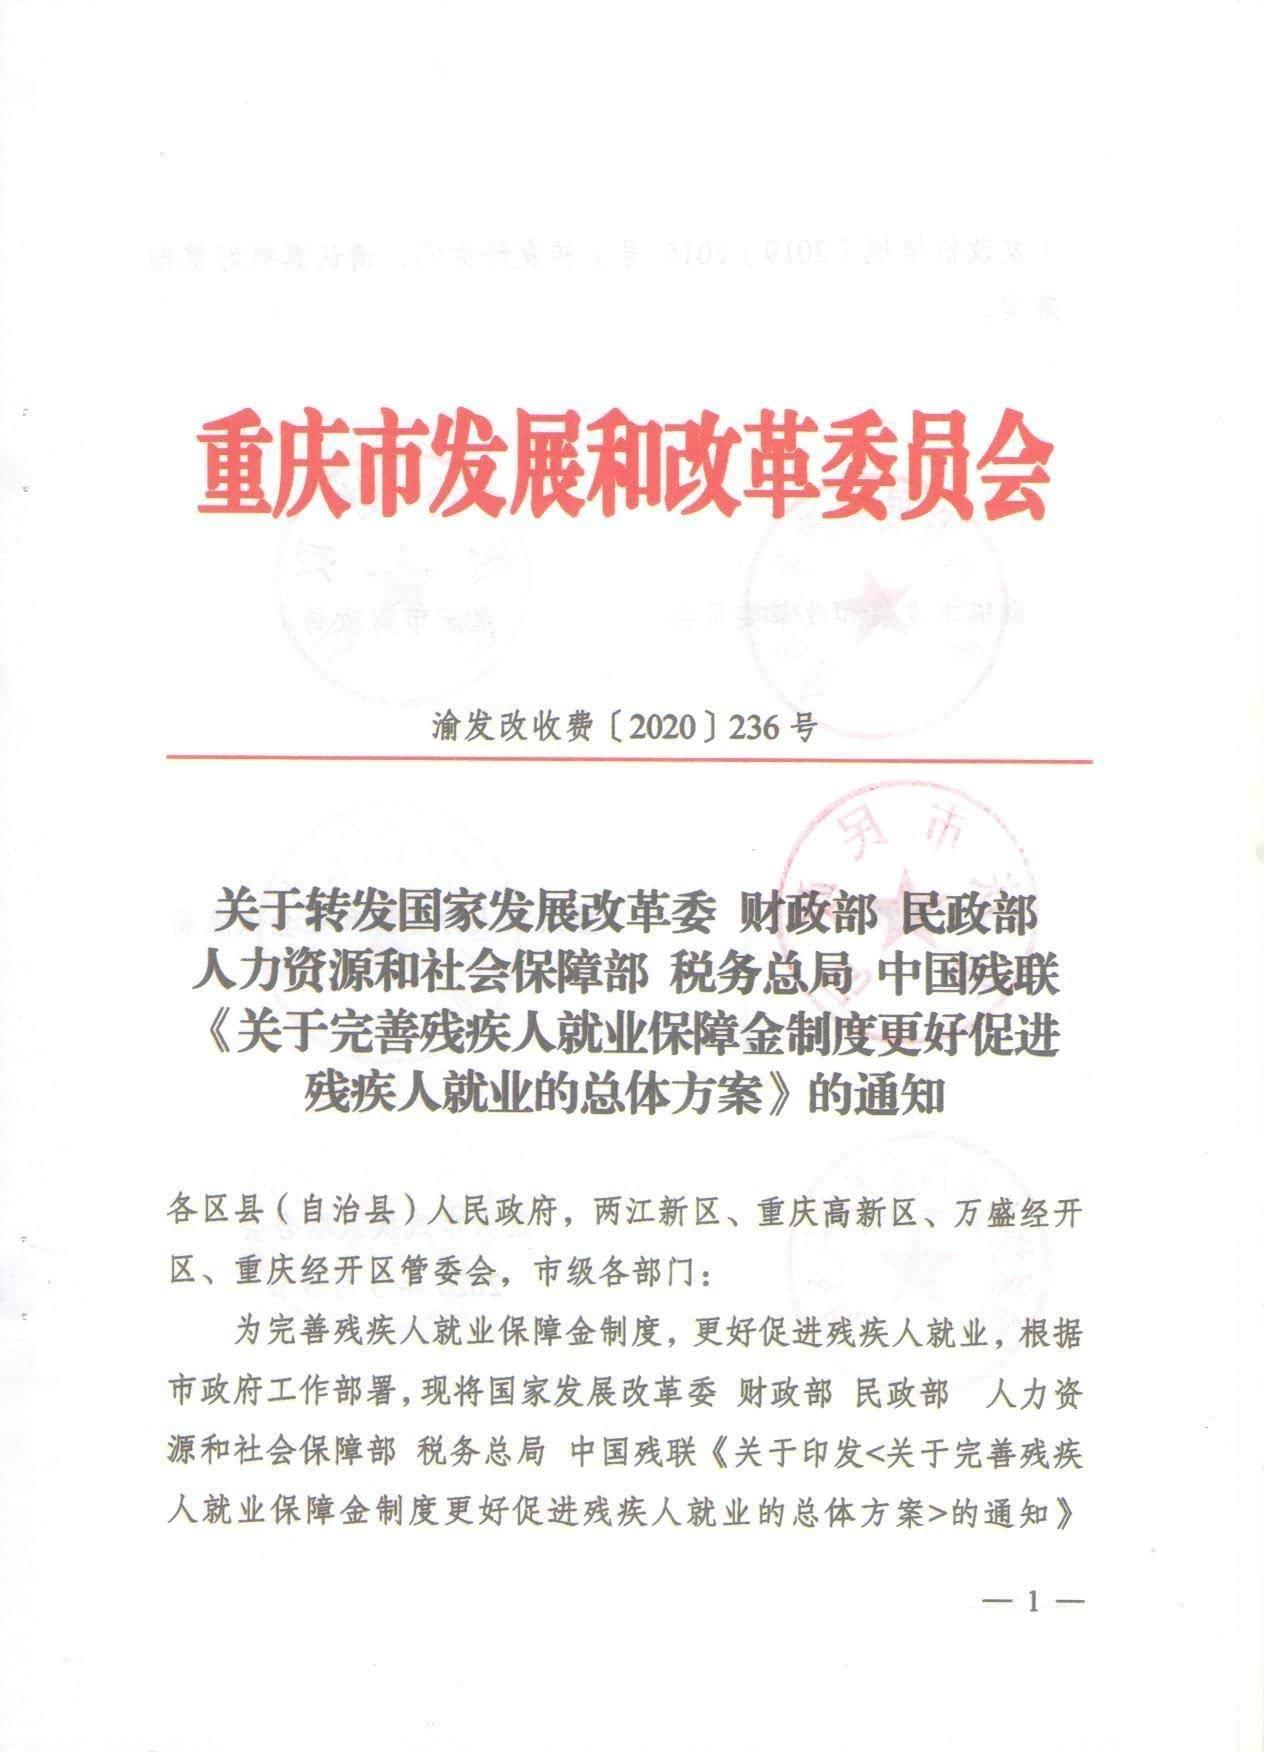 2020年重庆最新残保金政策文件渝发改收费〔2020〕236号 关于转发国家发展改革委《关于完善残疾人就业保障金制度更好促进残疾人就业的总体方案》的通知插图